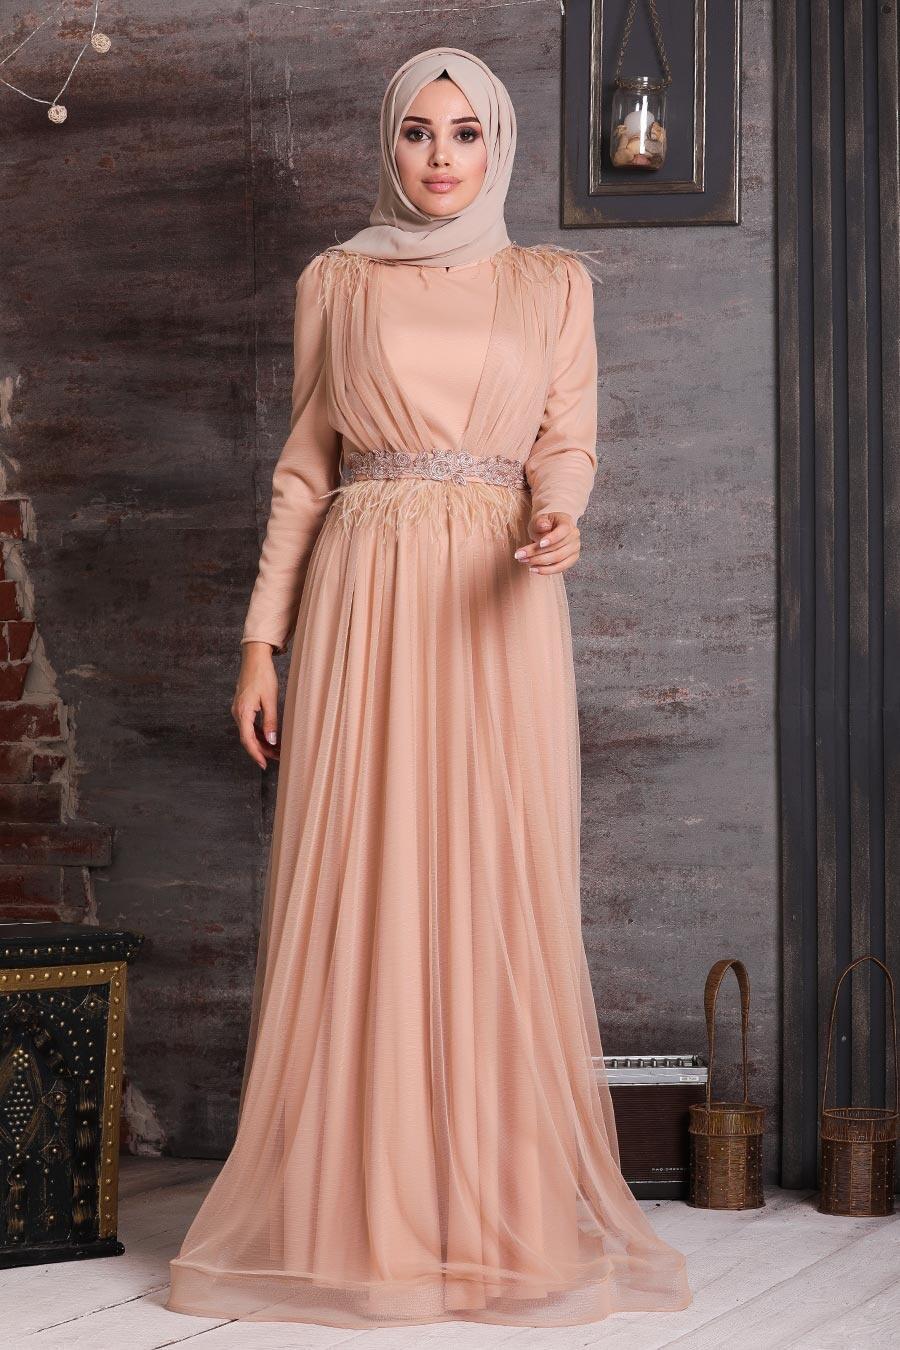 Tesettürlü Abiye Elbise - Otriş Tüy Detaylı Gold Tesettür Abiye Elbise 21360GOLD